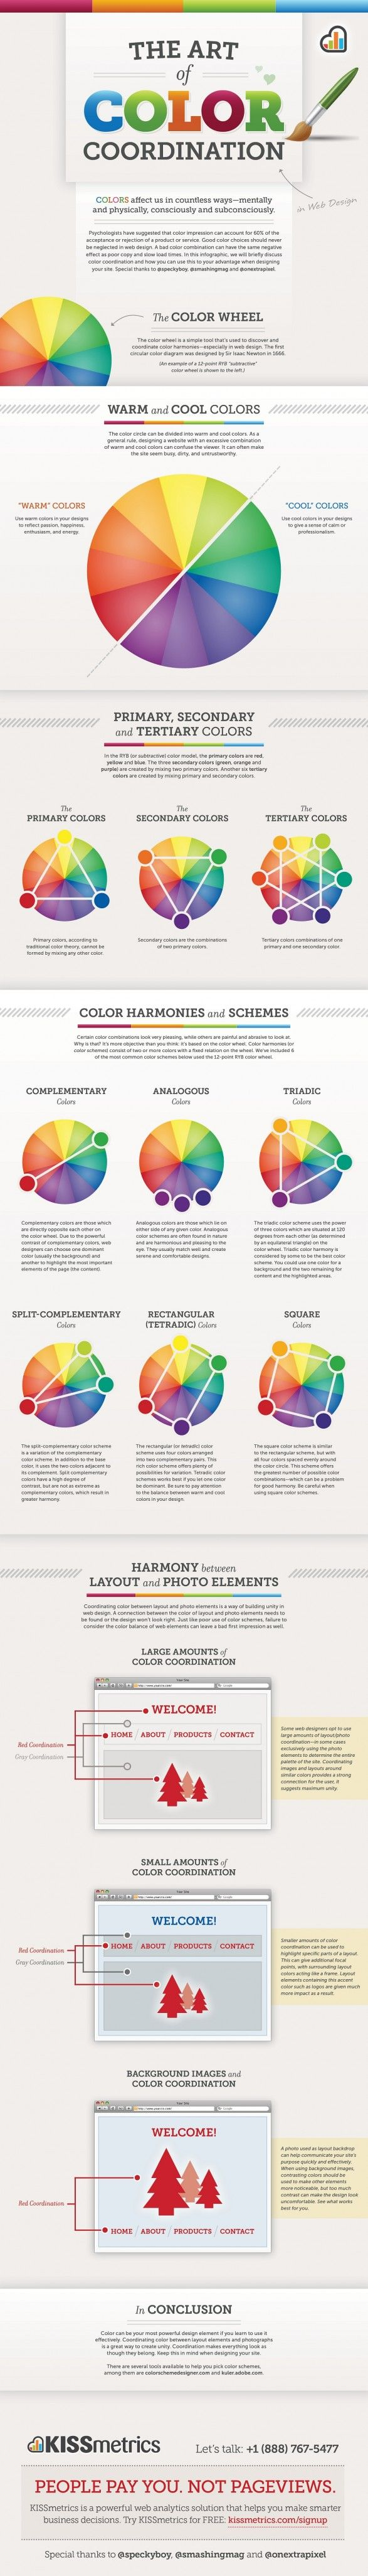 L'art de combinar colors